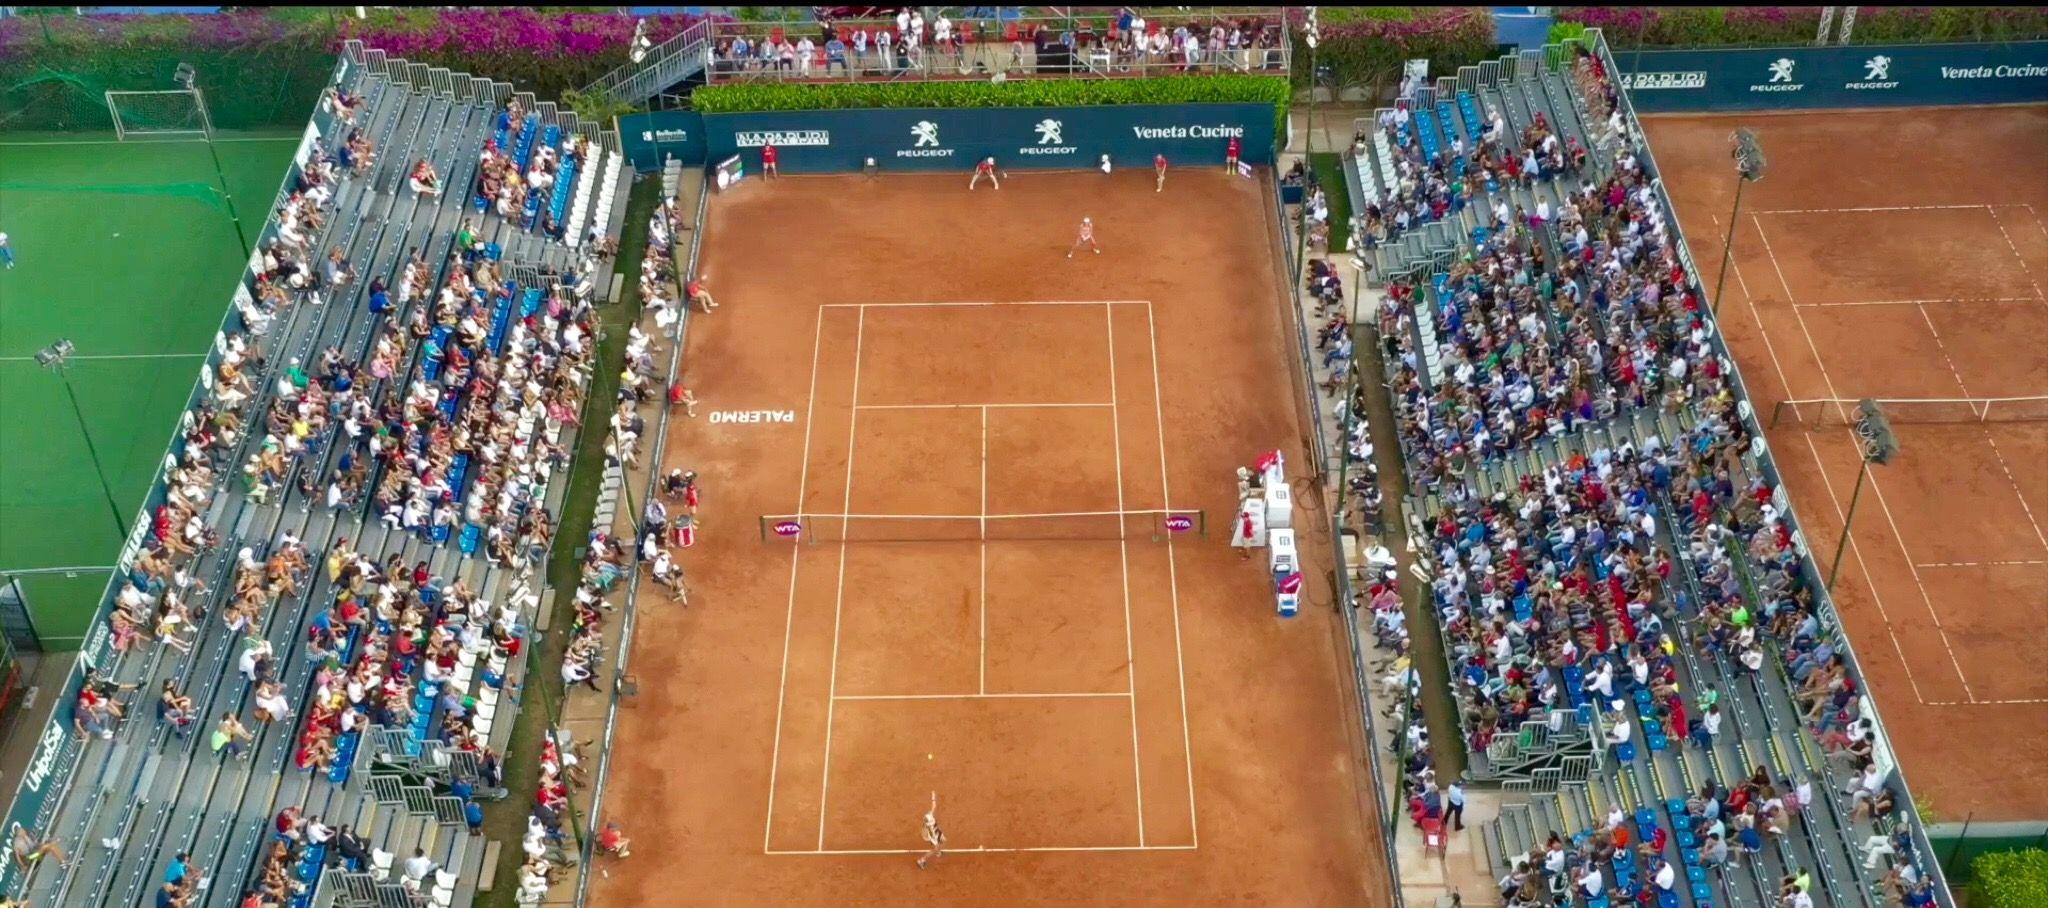 WTA Palermo: wta proroga di una settimana il termine per le iscrizioni